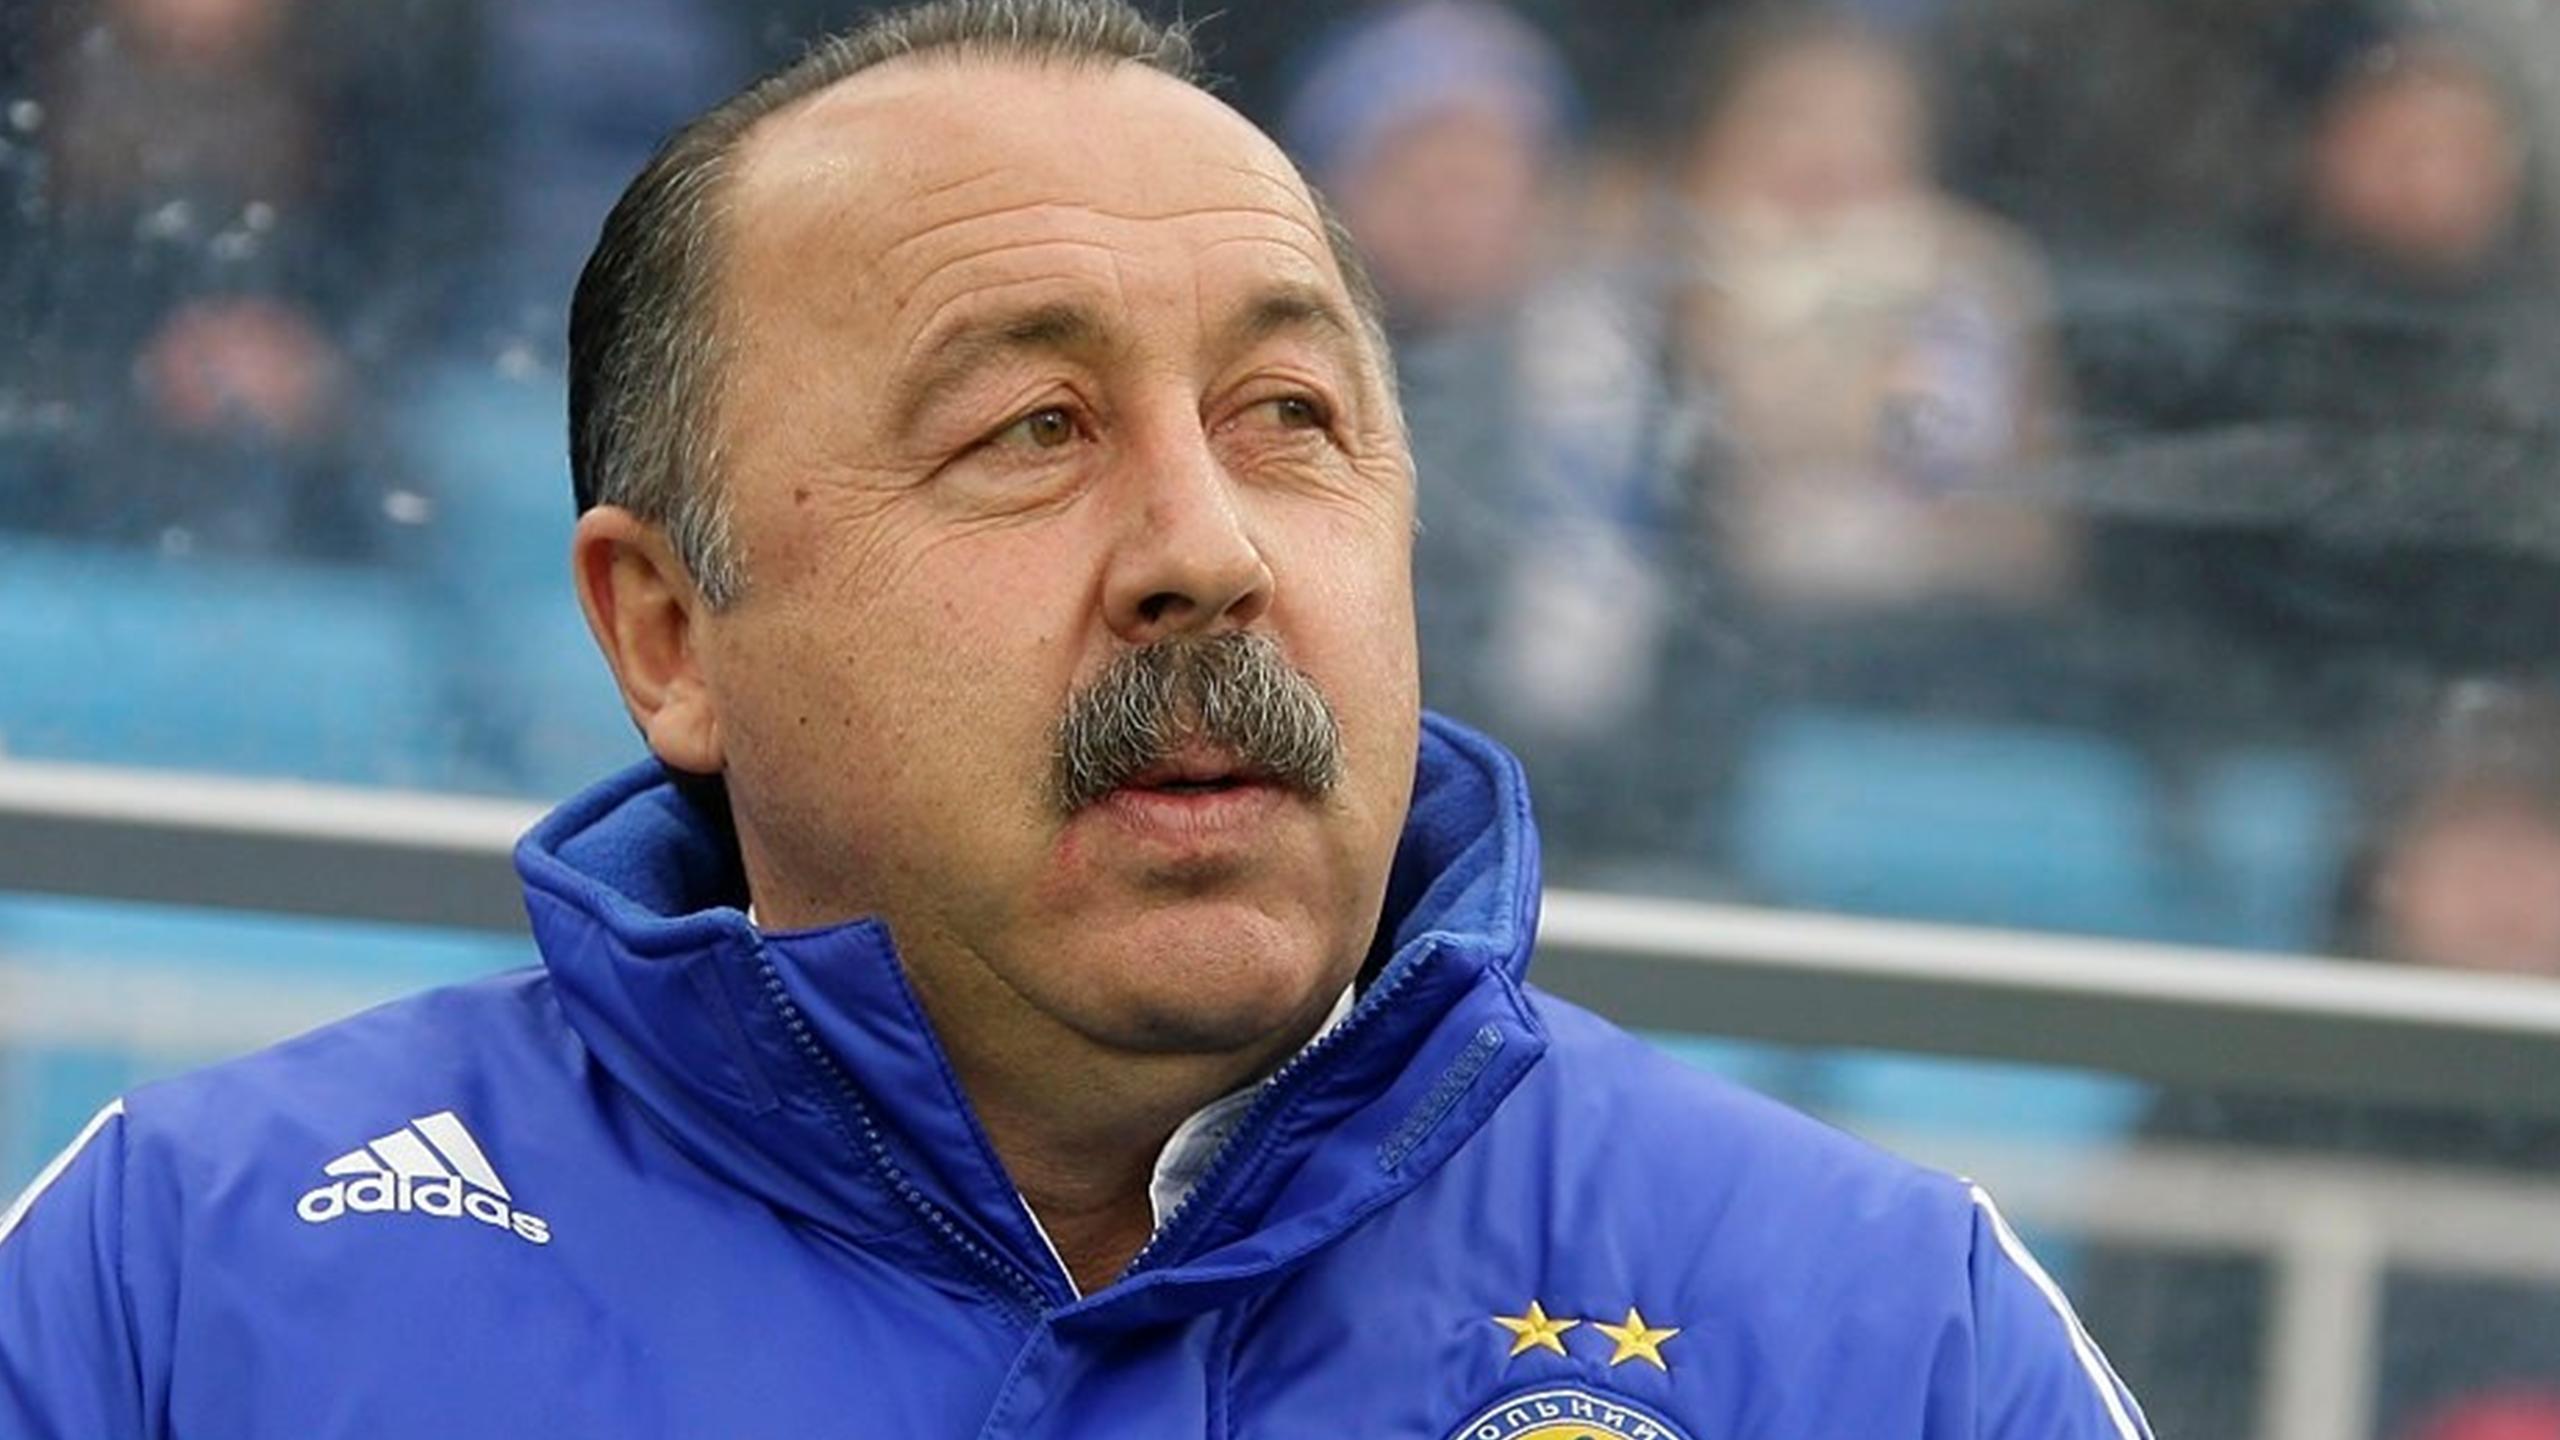 В Омск приедет известный футбольный тренер Валерий Газзаев #Новости #Общество #Омск